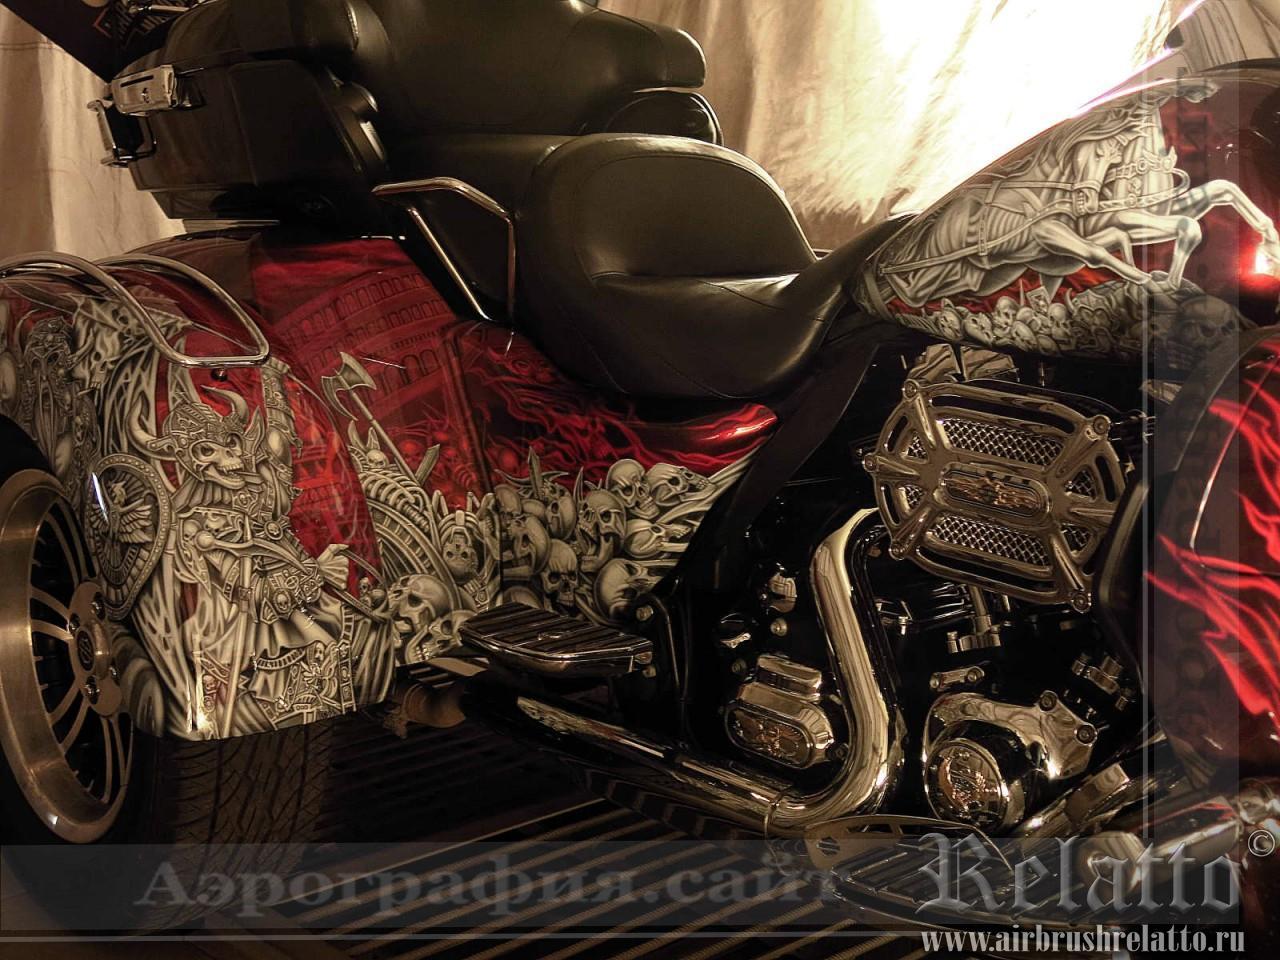 лучшая аэрография мотоцикла Белгород